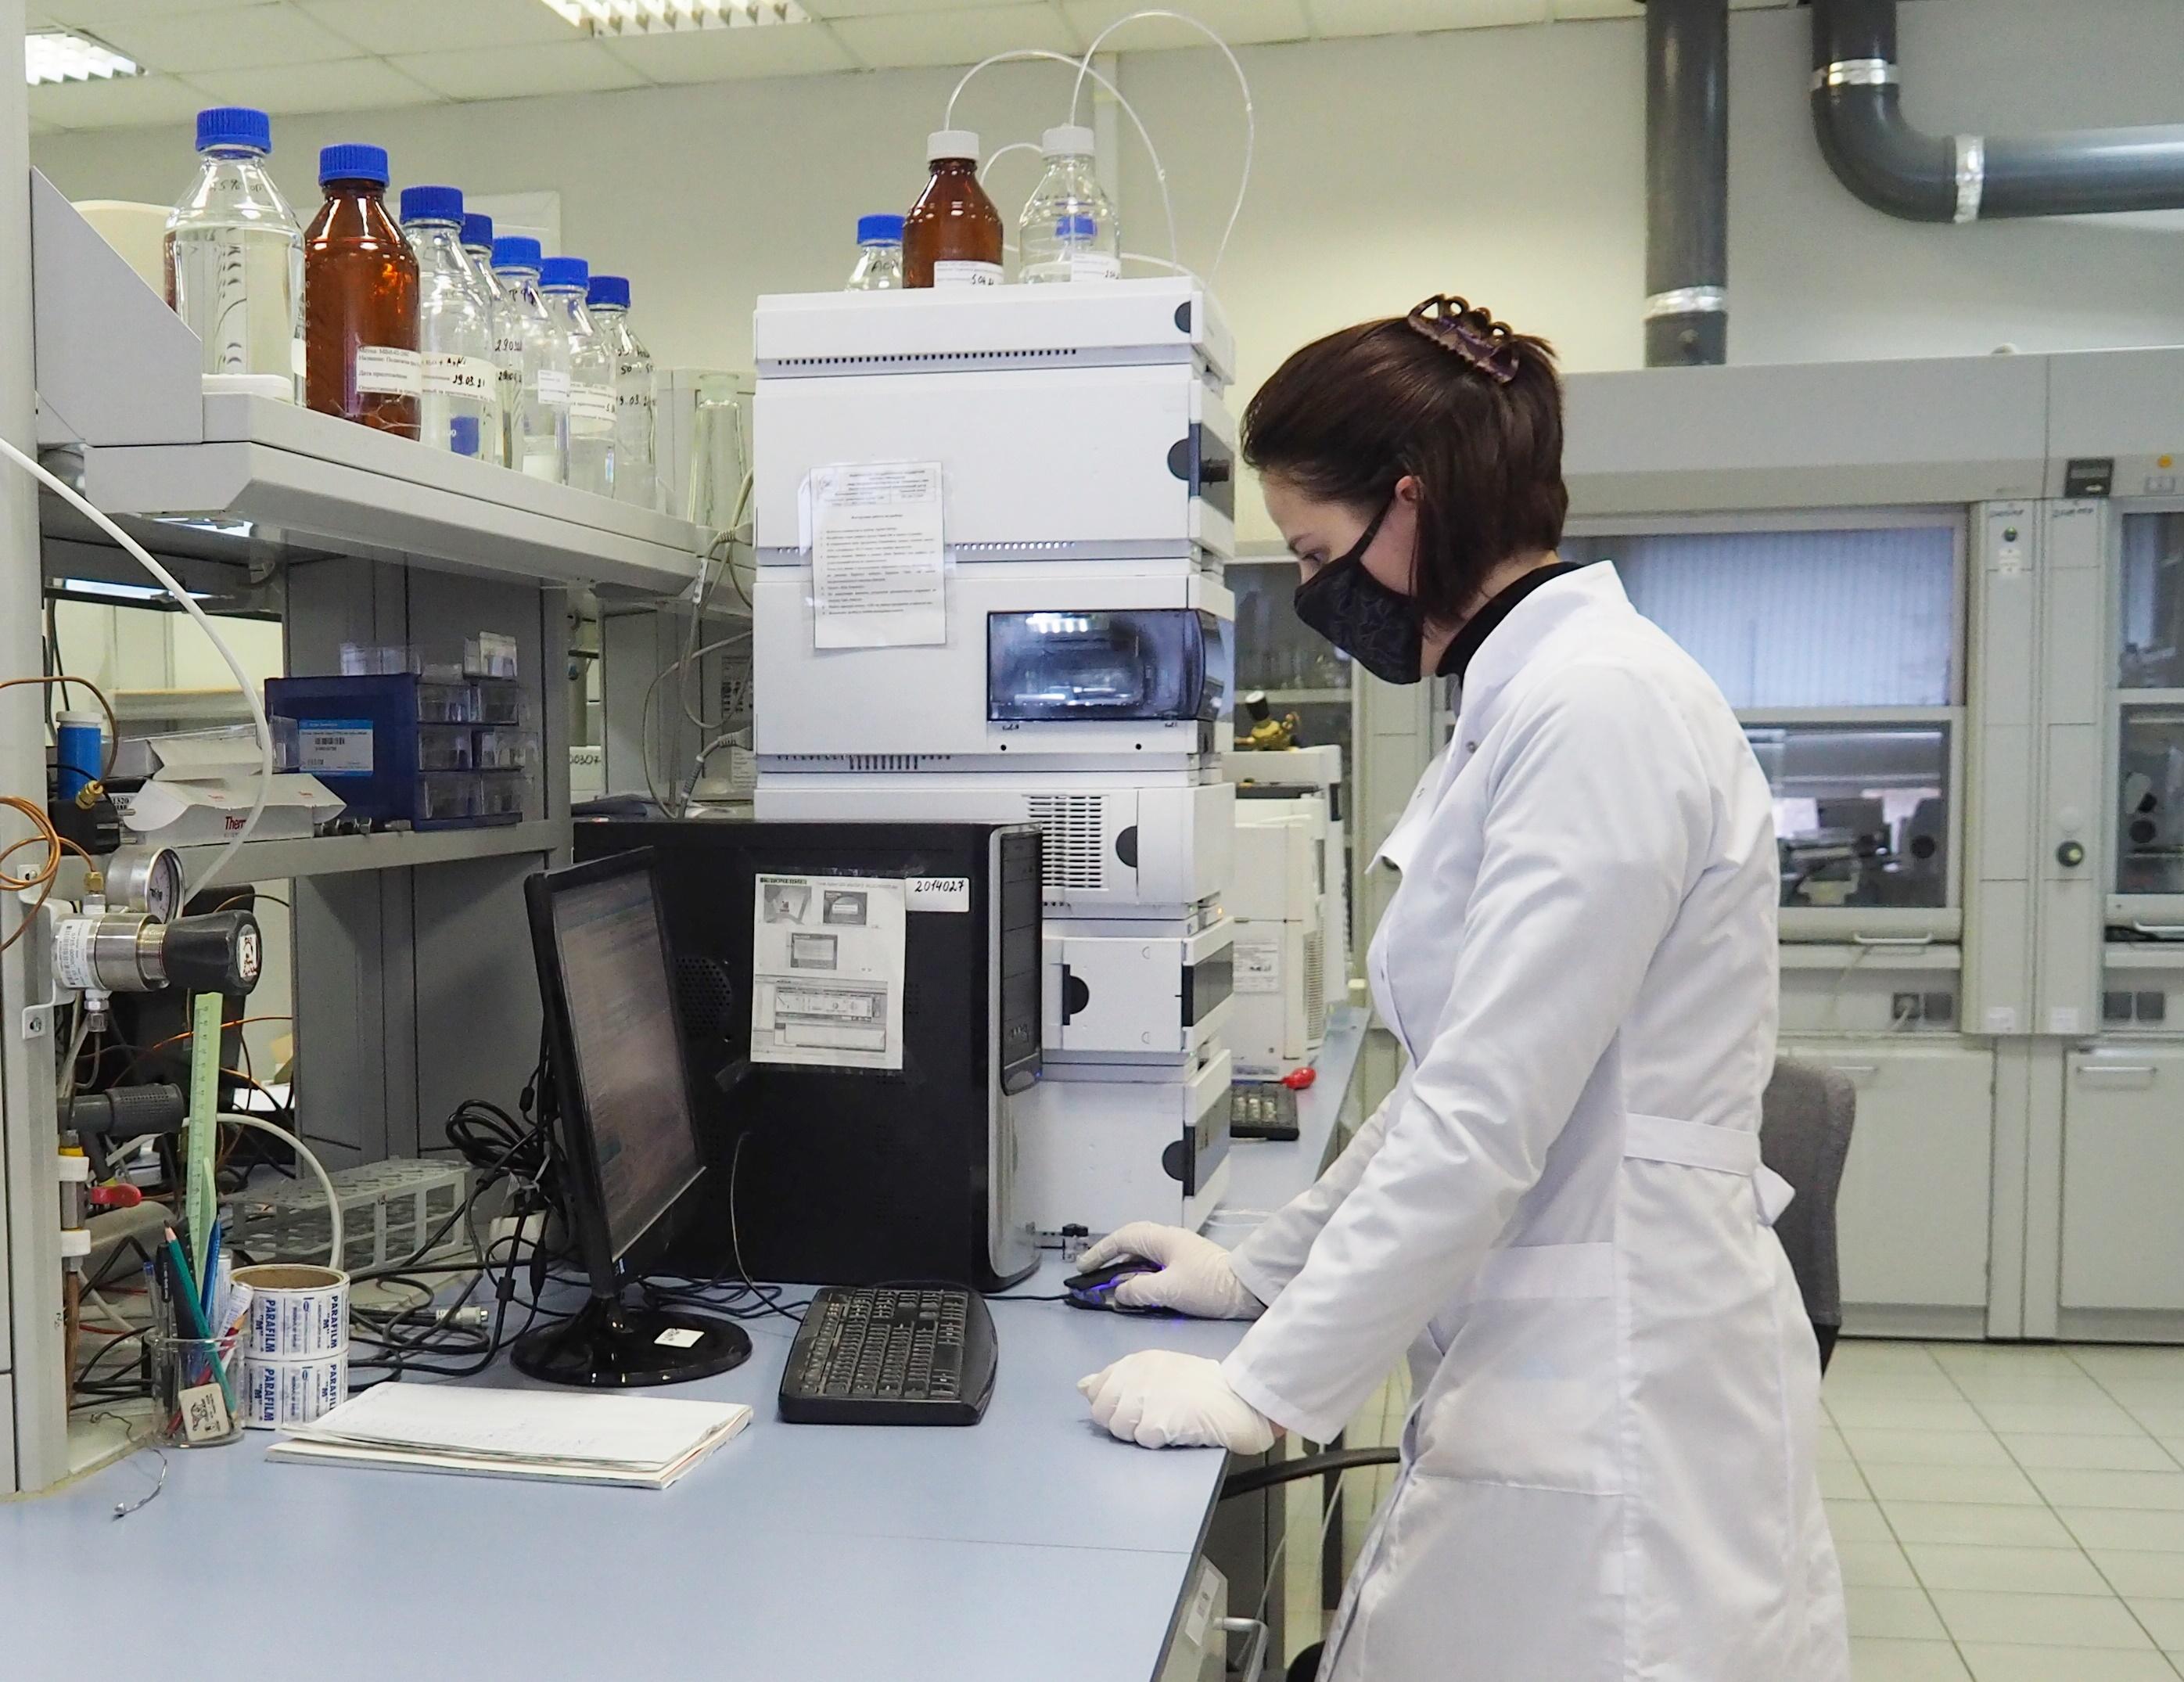 Техническая комиссия оценила реализацию мероприятий по модернизации опорных лабораторий в целях экспорта